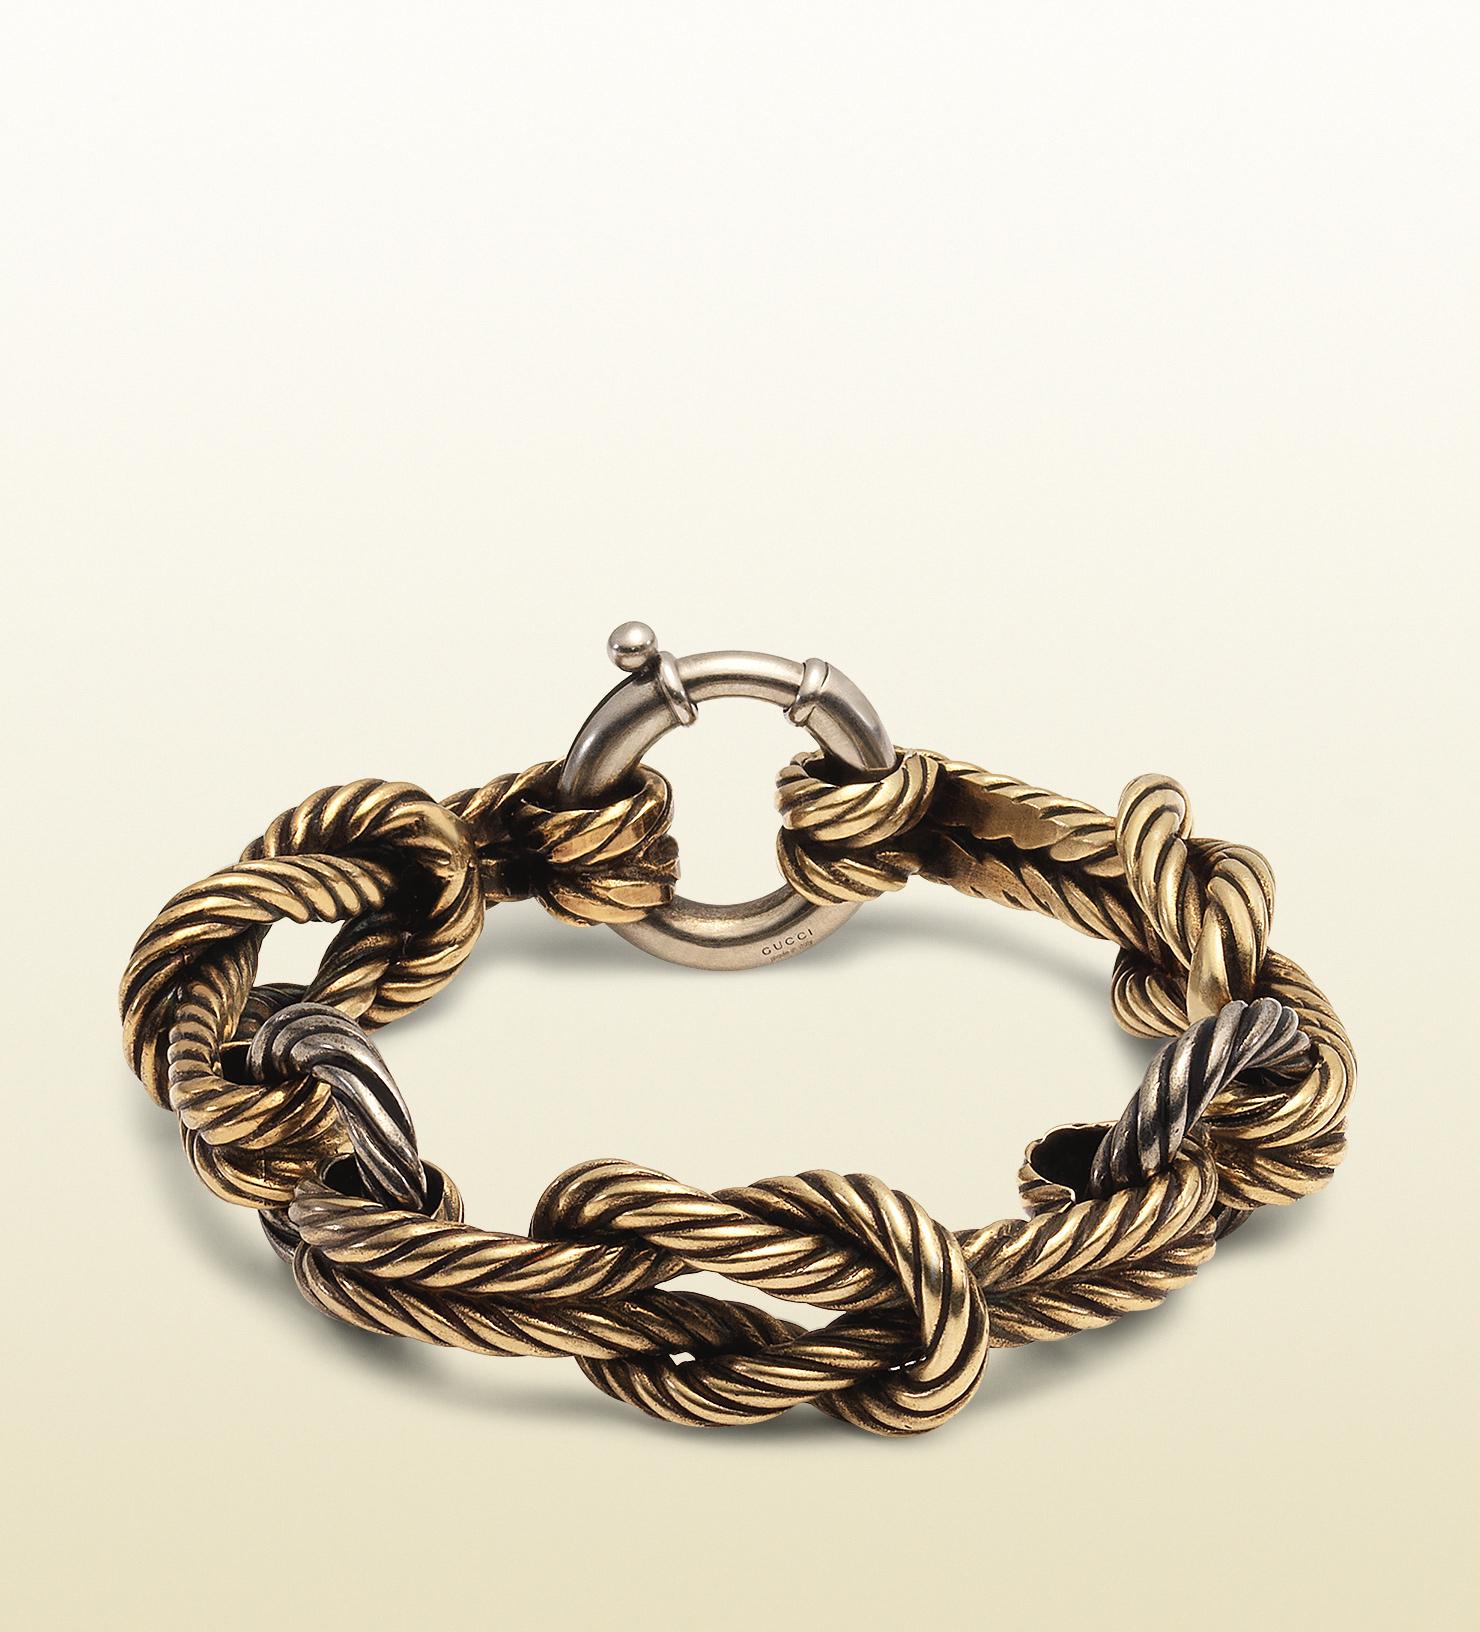 98ef8ea4f68b1 Gucci Metallic Gold Finished Sterling Silver Knot Bracelet for men